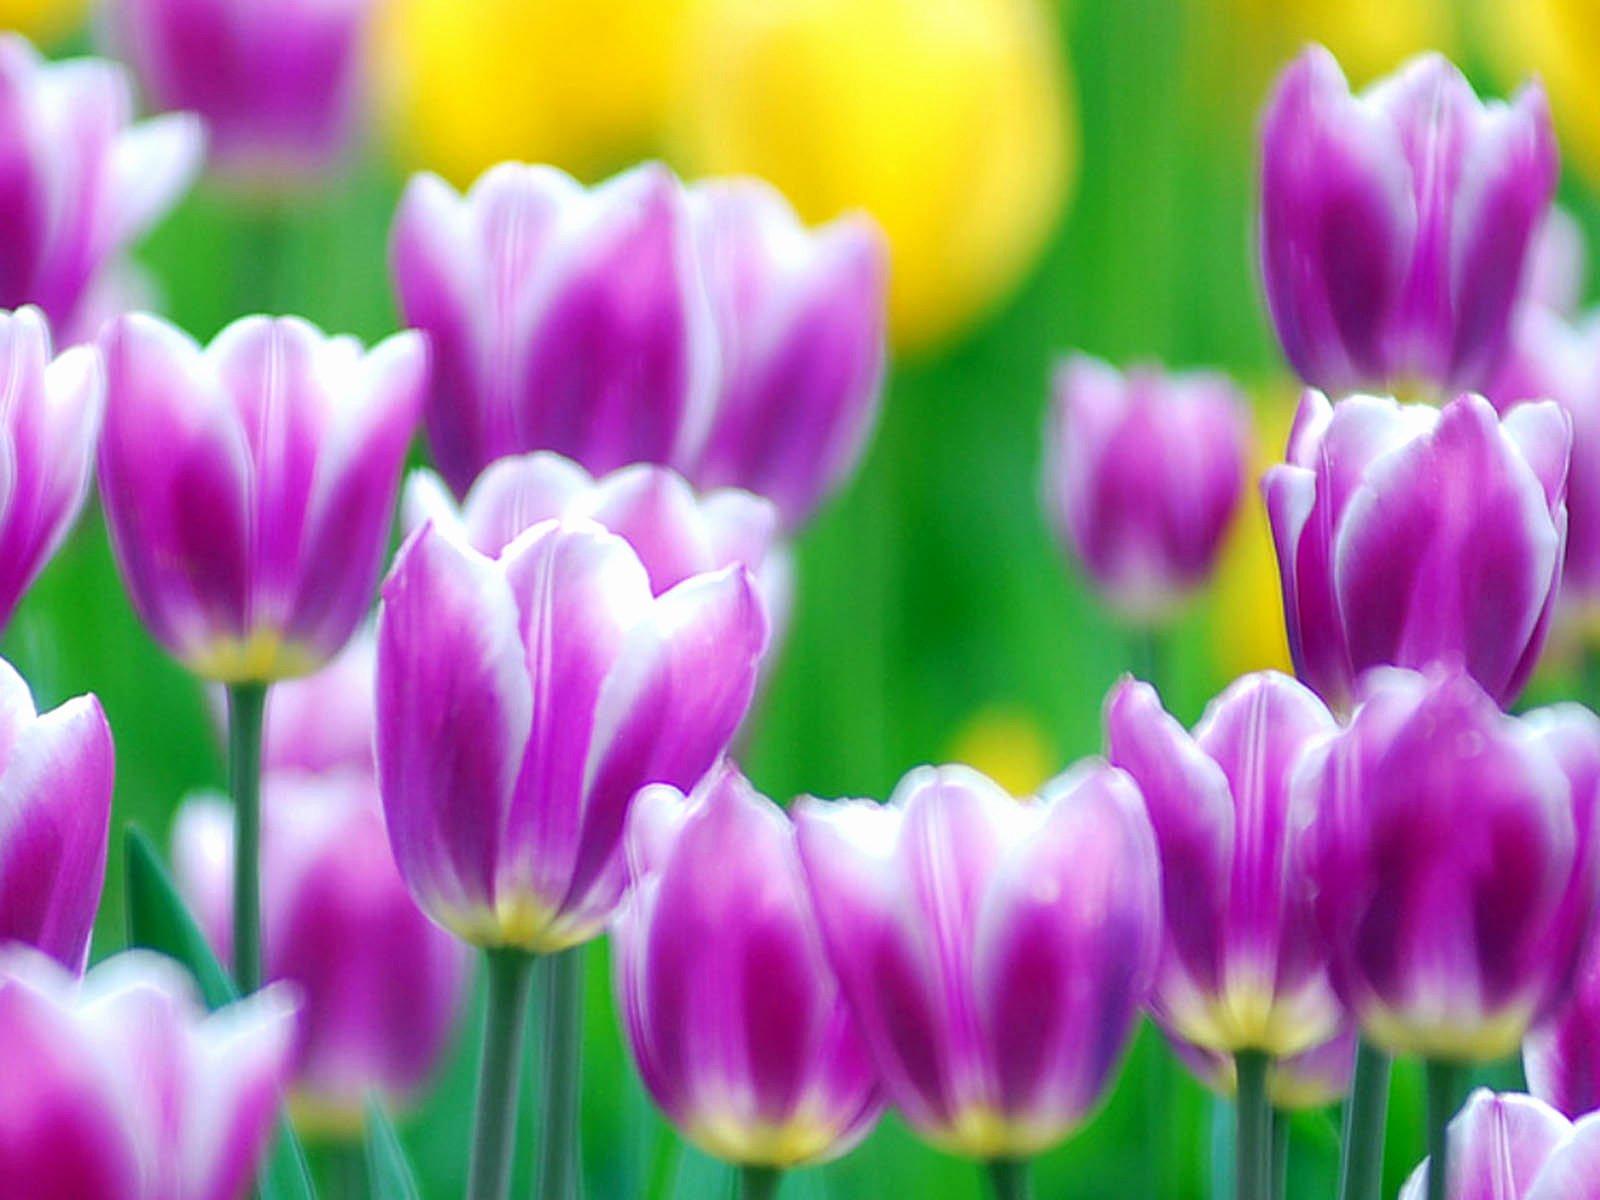 Free Flower Desktop Wallpaper Inspirational Wallpapers Purple Tulips Flowers Wallpapers